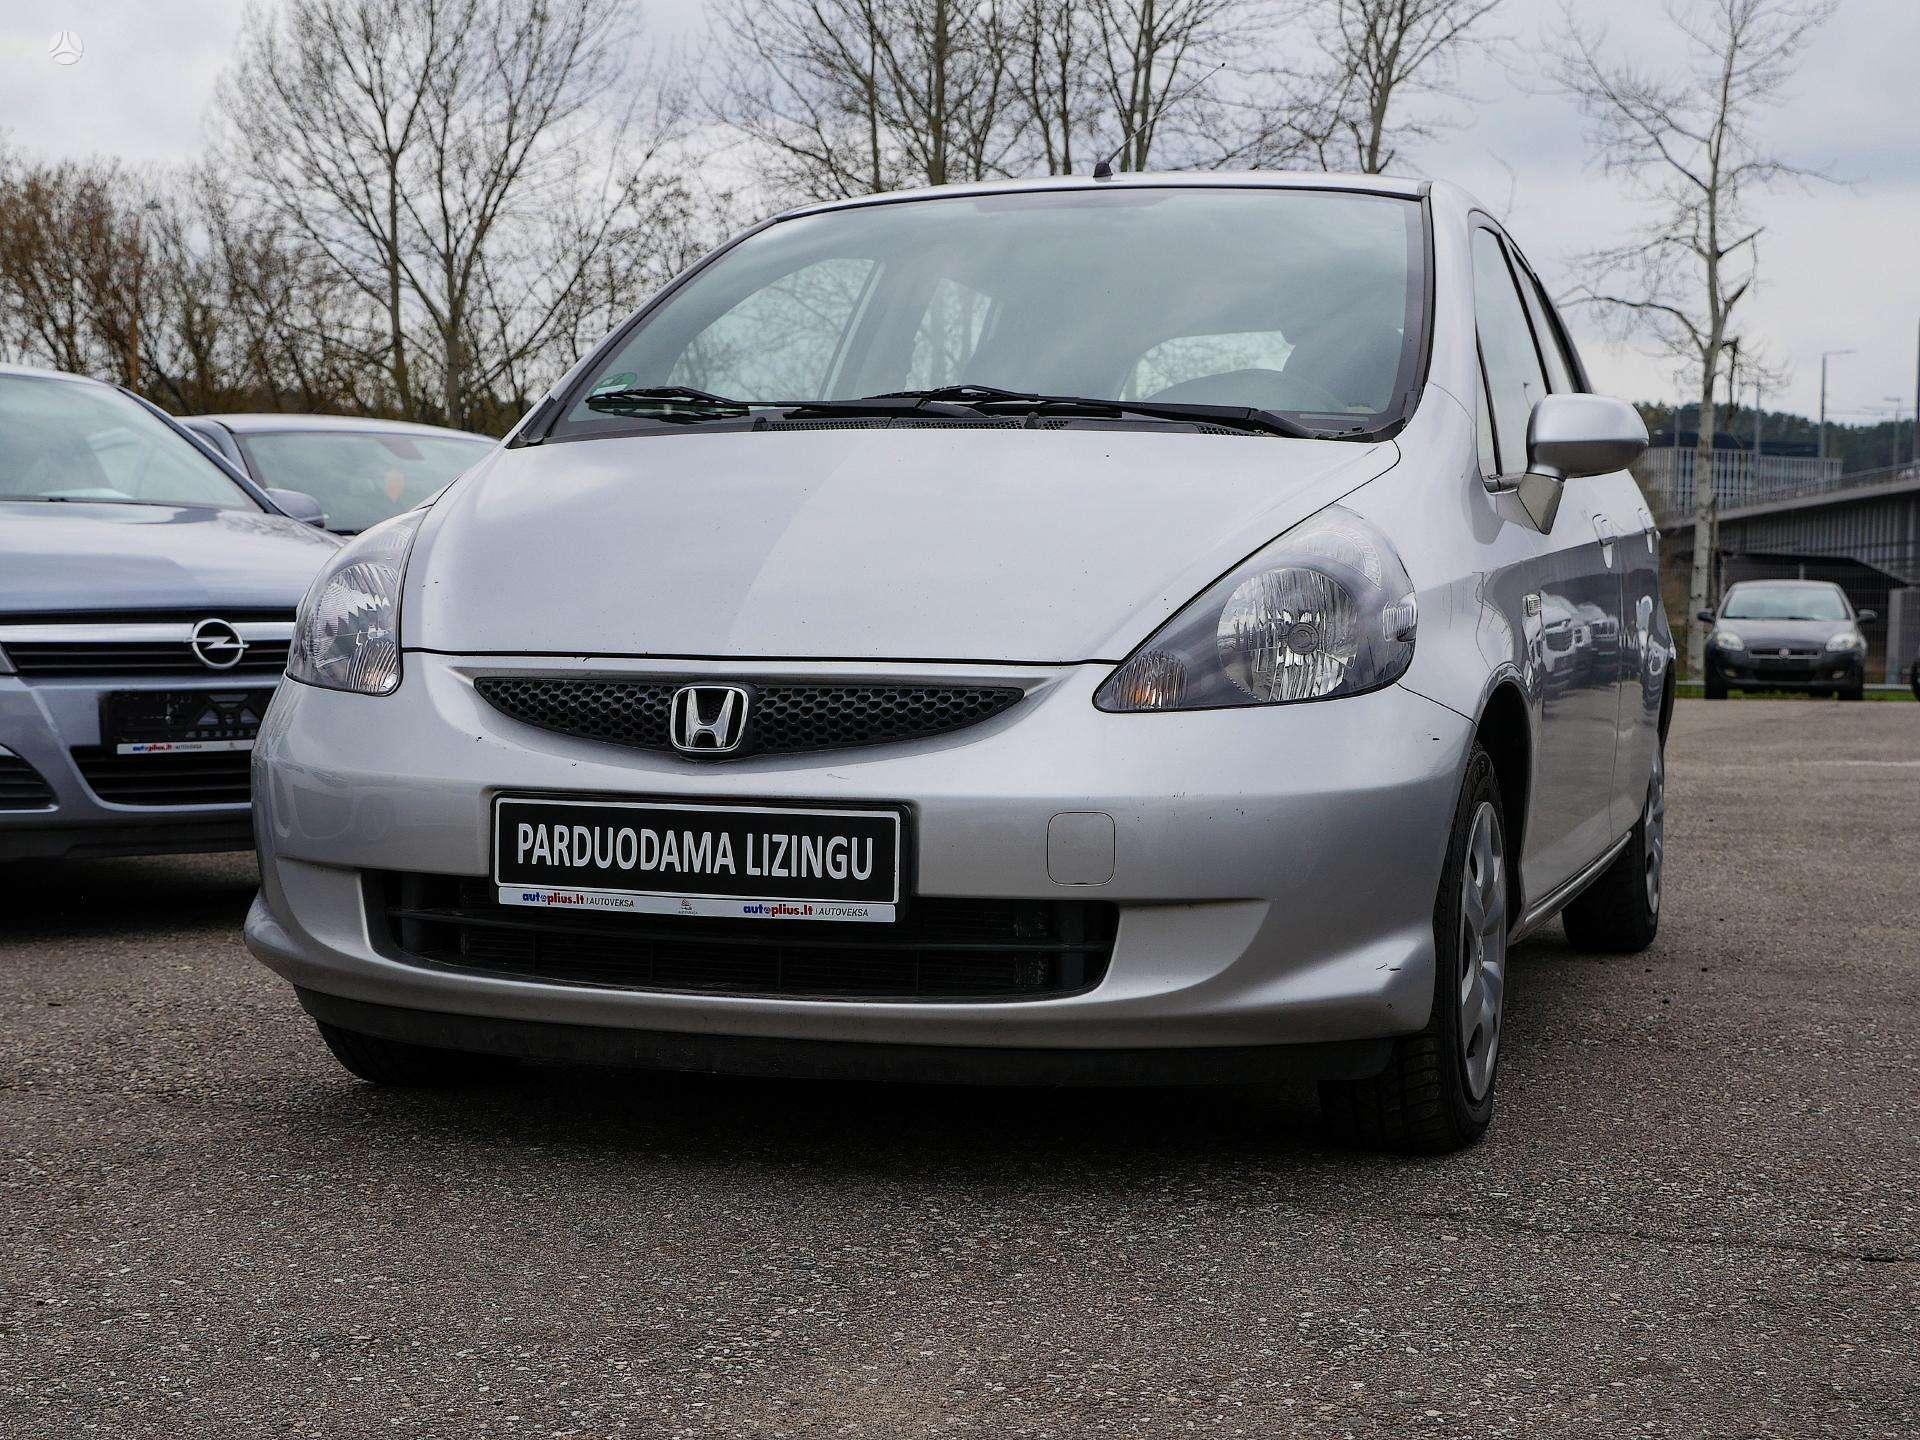 Honda Jazz išsimokėtinai nuo 44 Eur/mėn su 3 mėnesių garantija